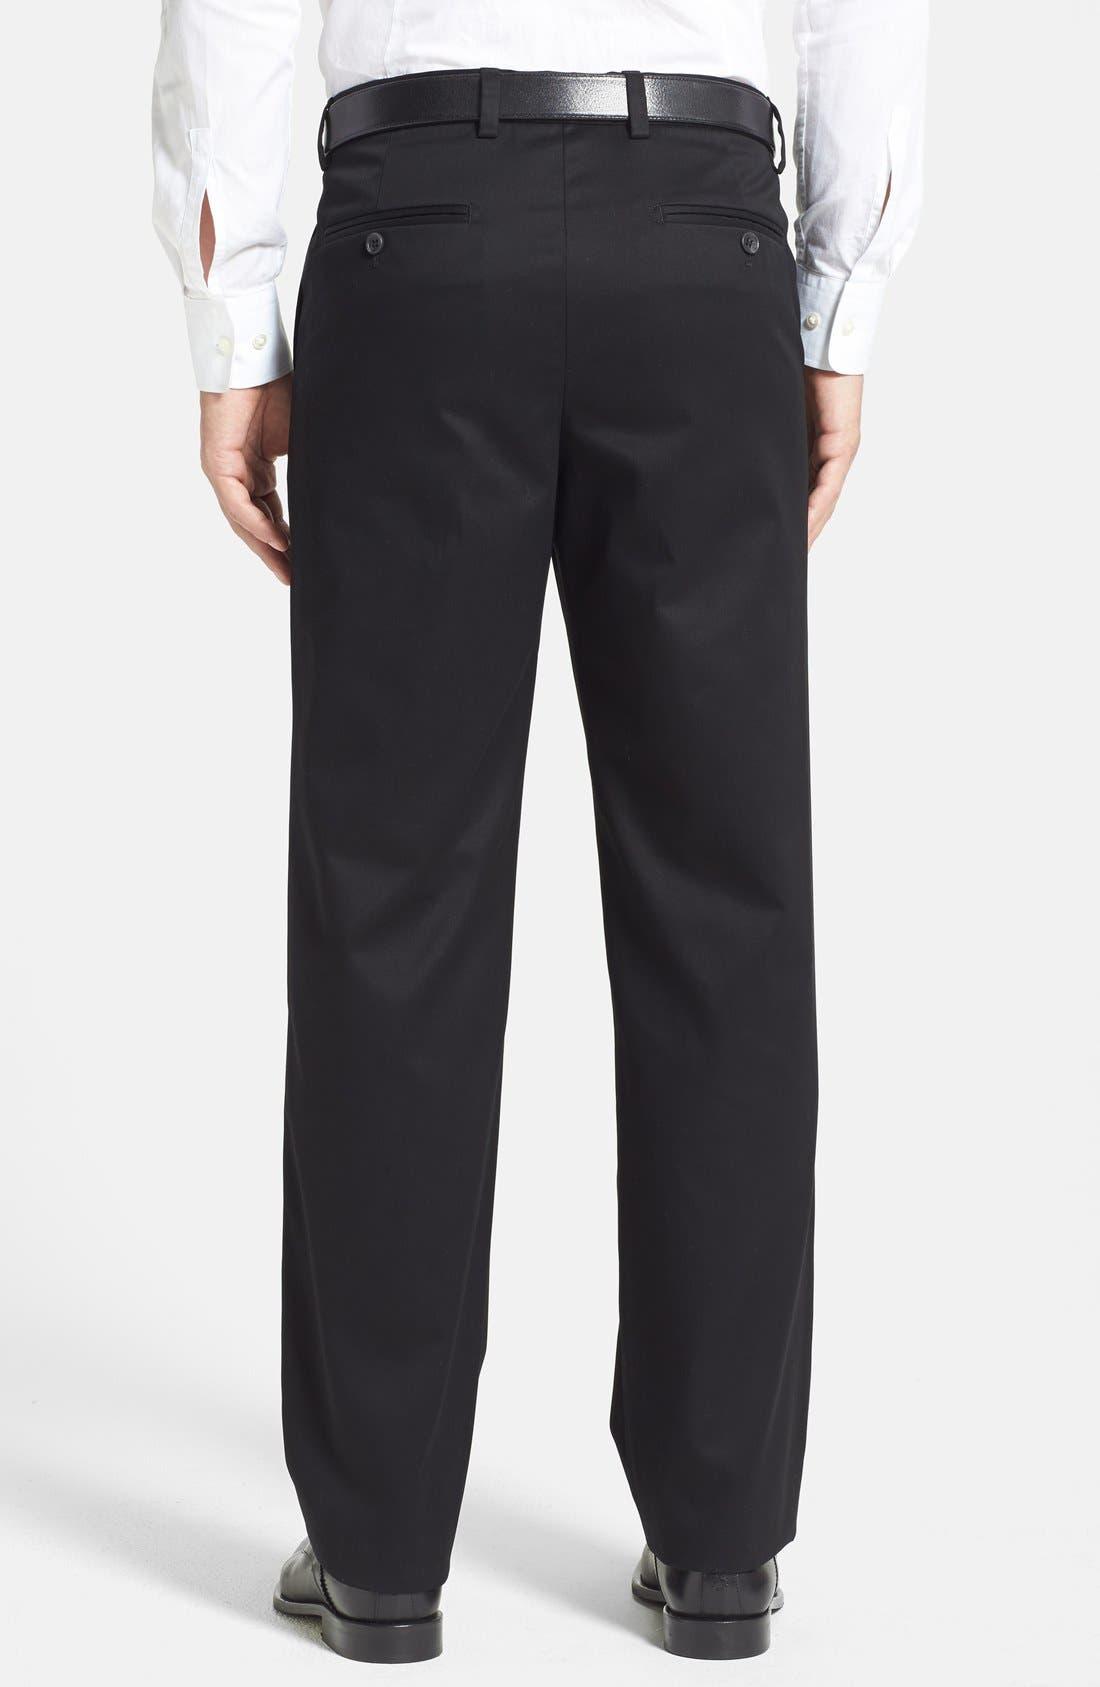 NORDSTROM MEN'S SHOP, 'Classic' Smartcare<sup>™</sup> Relaxed Fit Flat Front Cotton Pants, Alternate thumbnail 3, color, BLACK